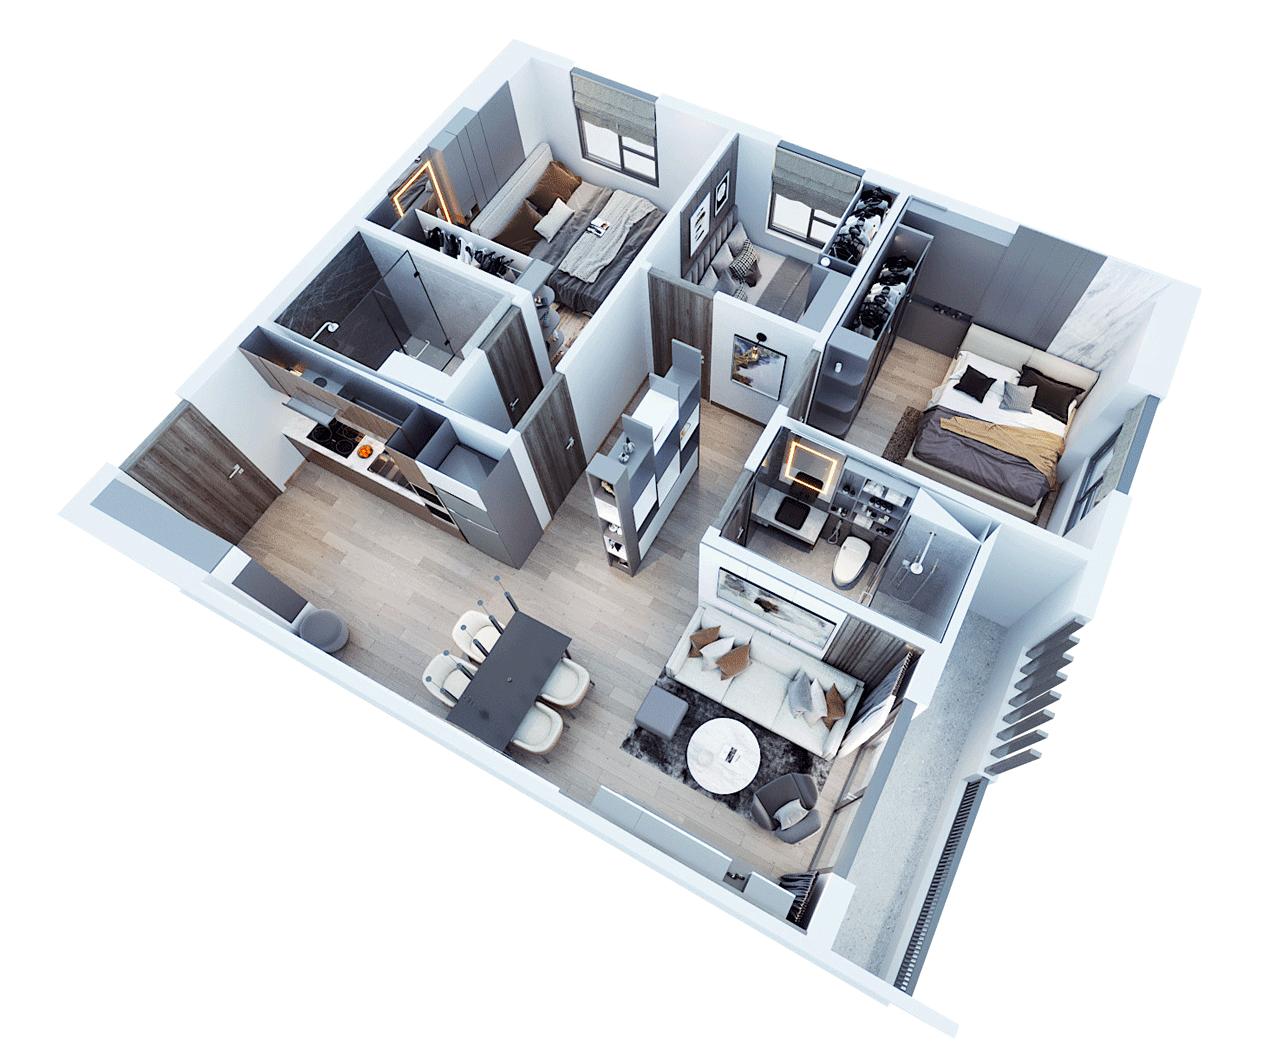 Căn hộ Tecco Felice Homes 3 phòng ngủ 83 m2